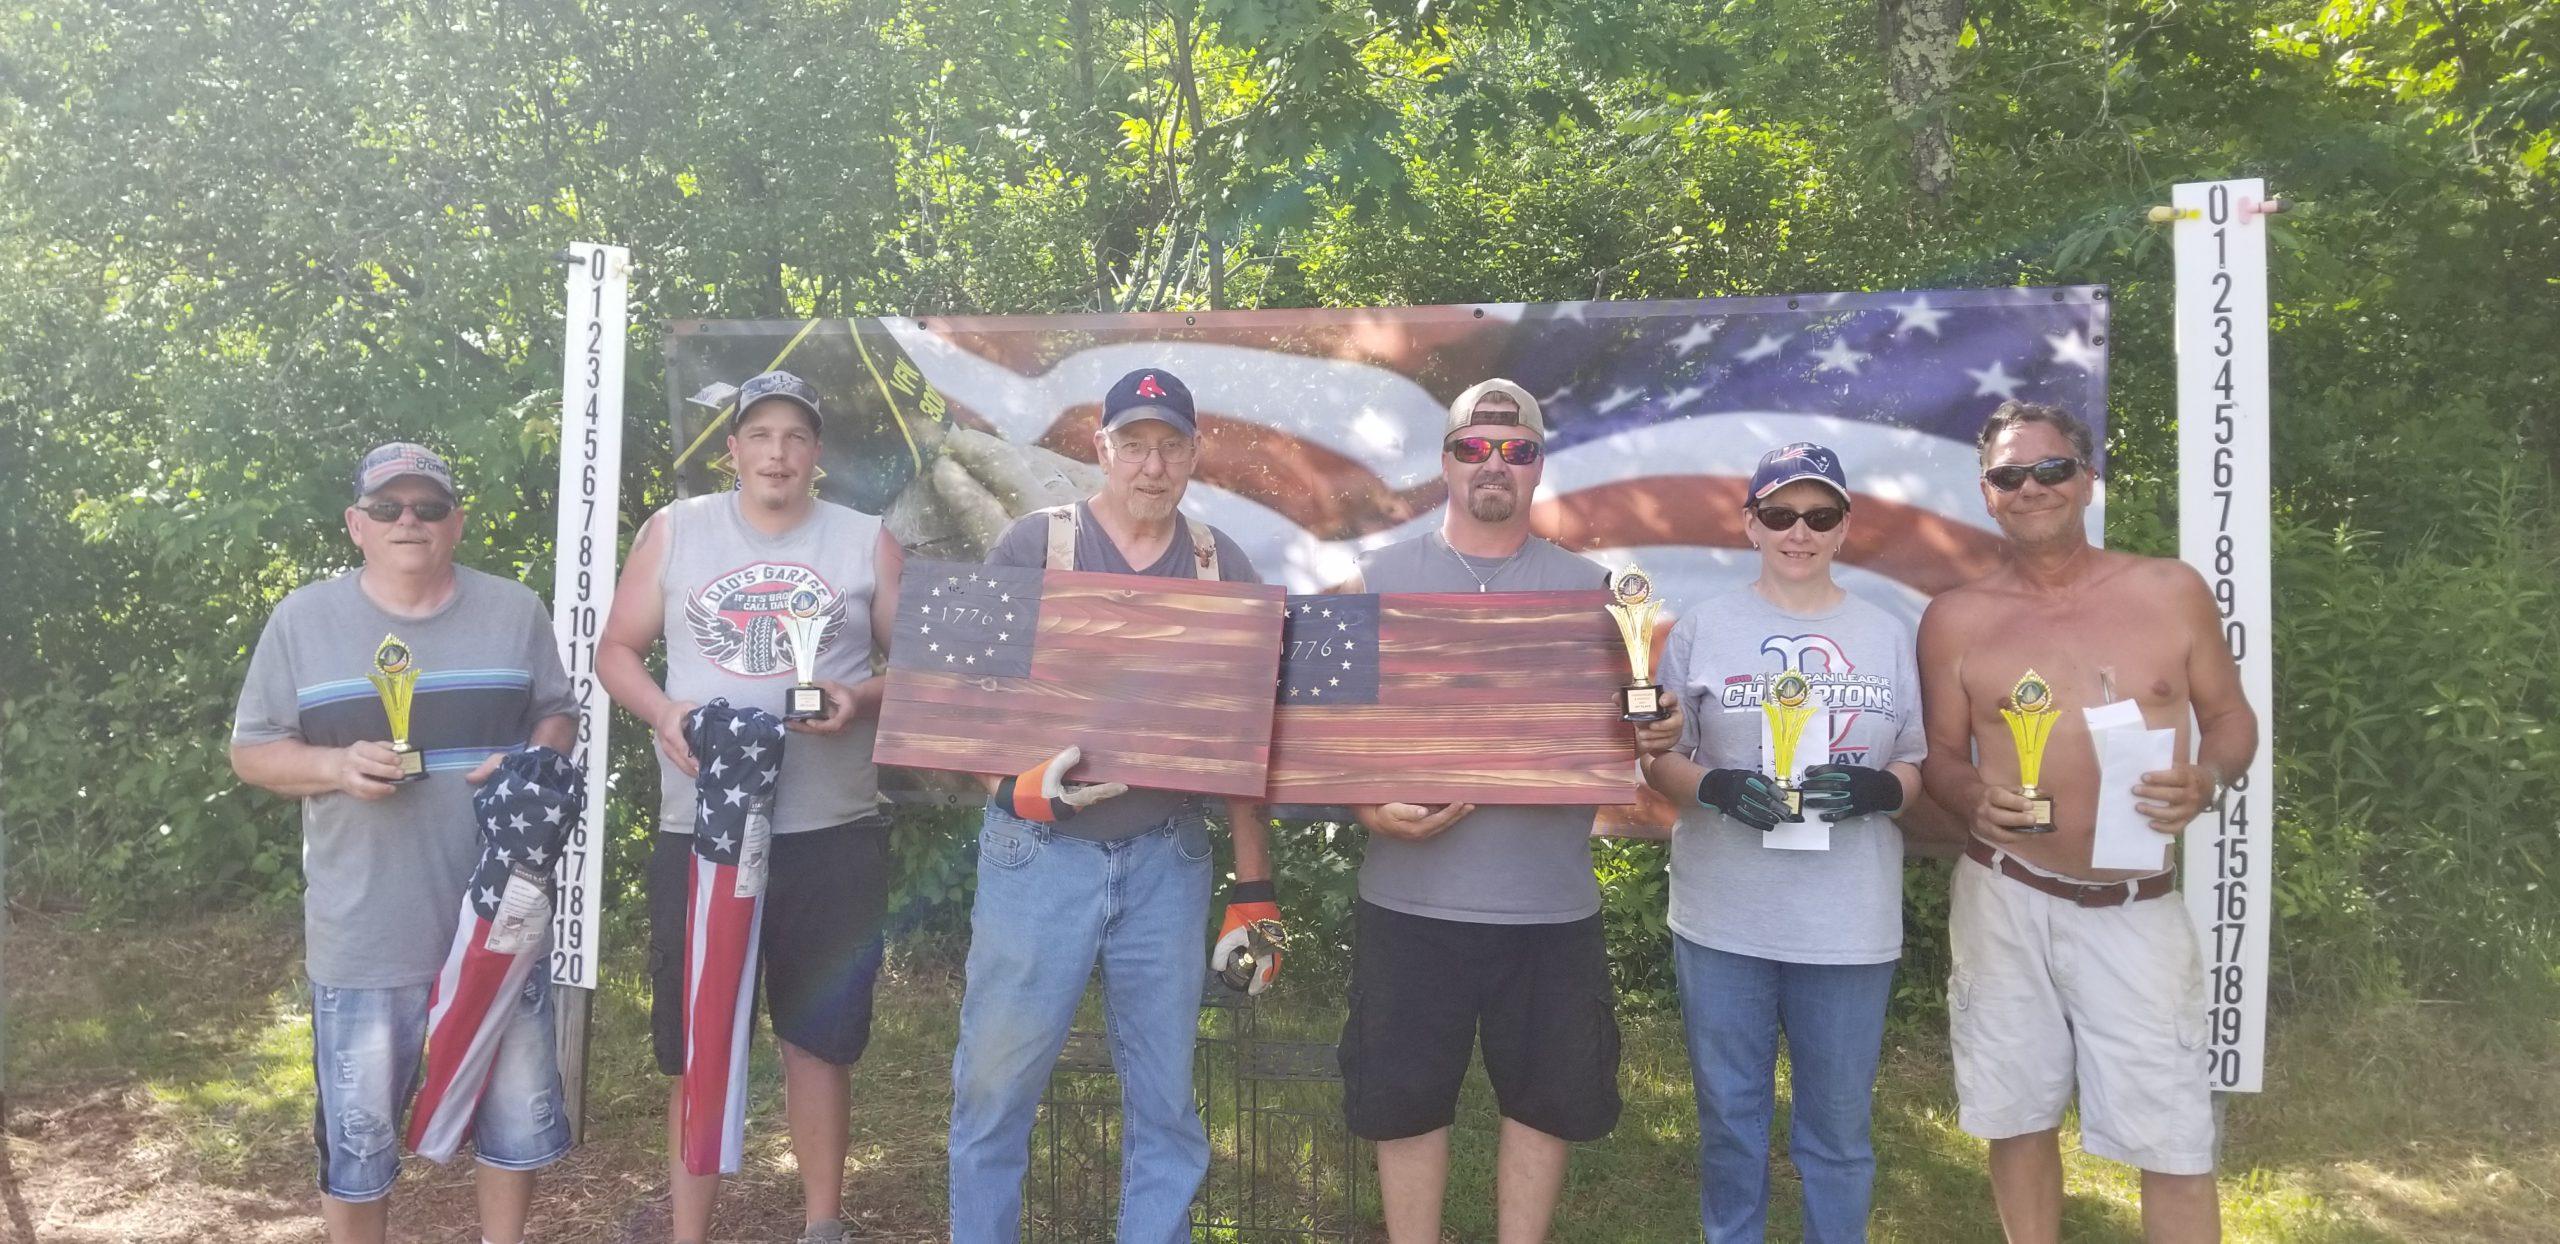 RRRC Veterans event trophys